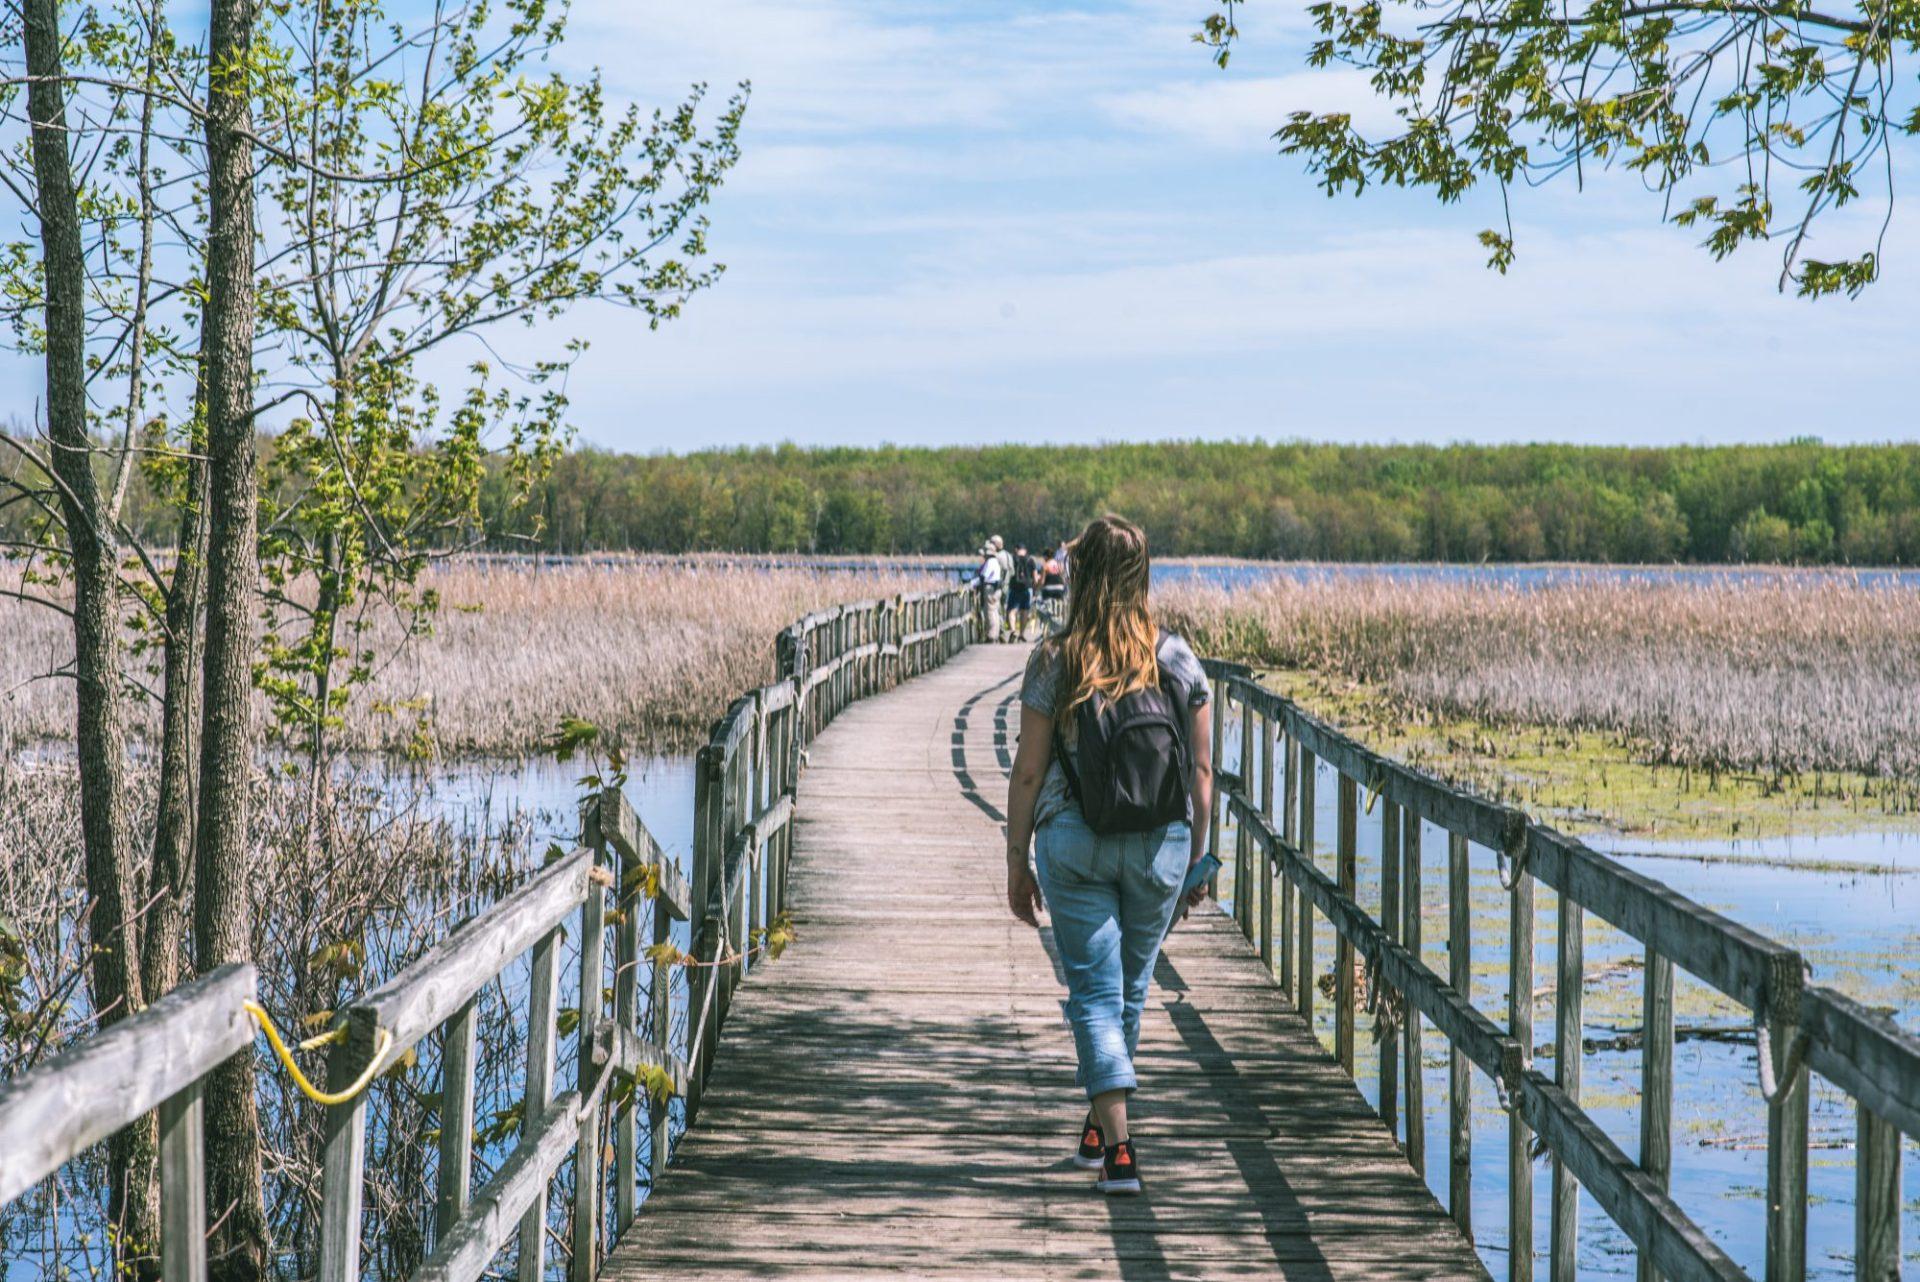 Parc national d'Oka - Dominique Caron